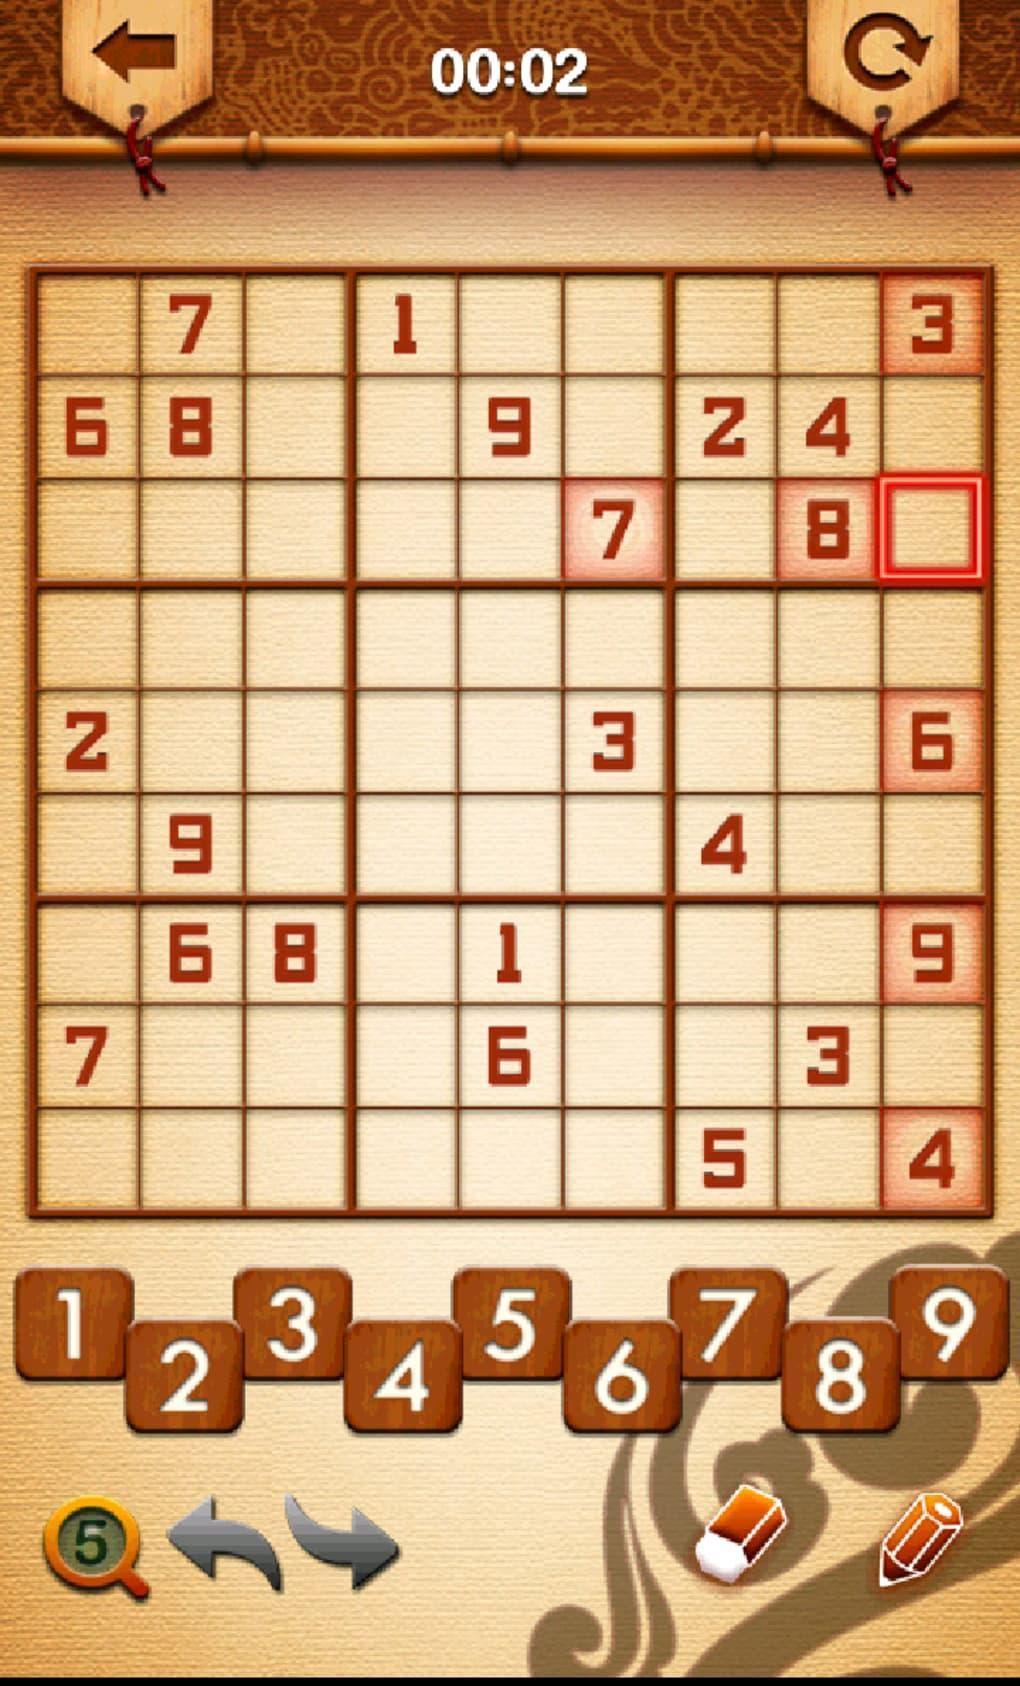 Sudoku Master Apk Pour Android - Télécharger à Logiciel Sudoku Gratuit